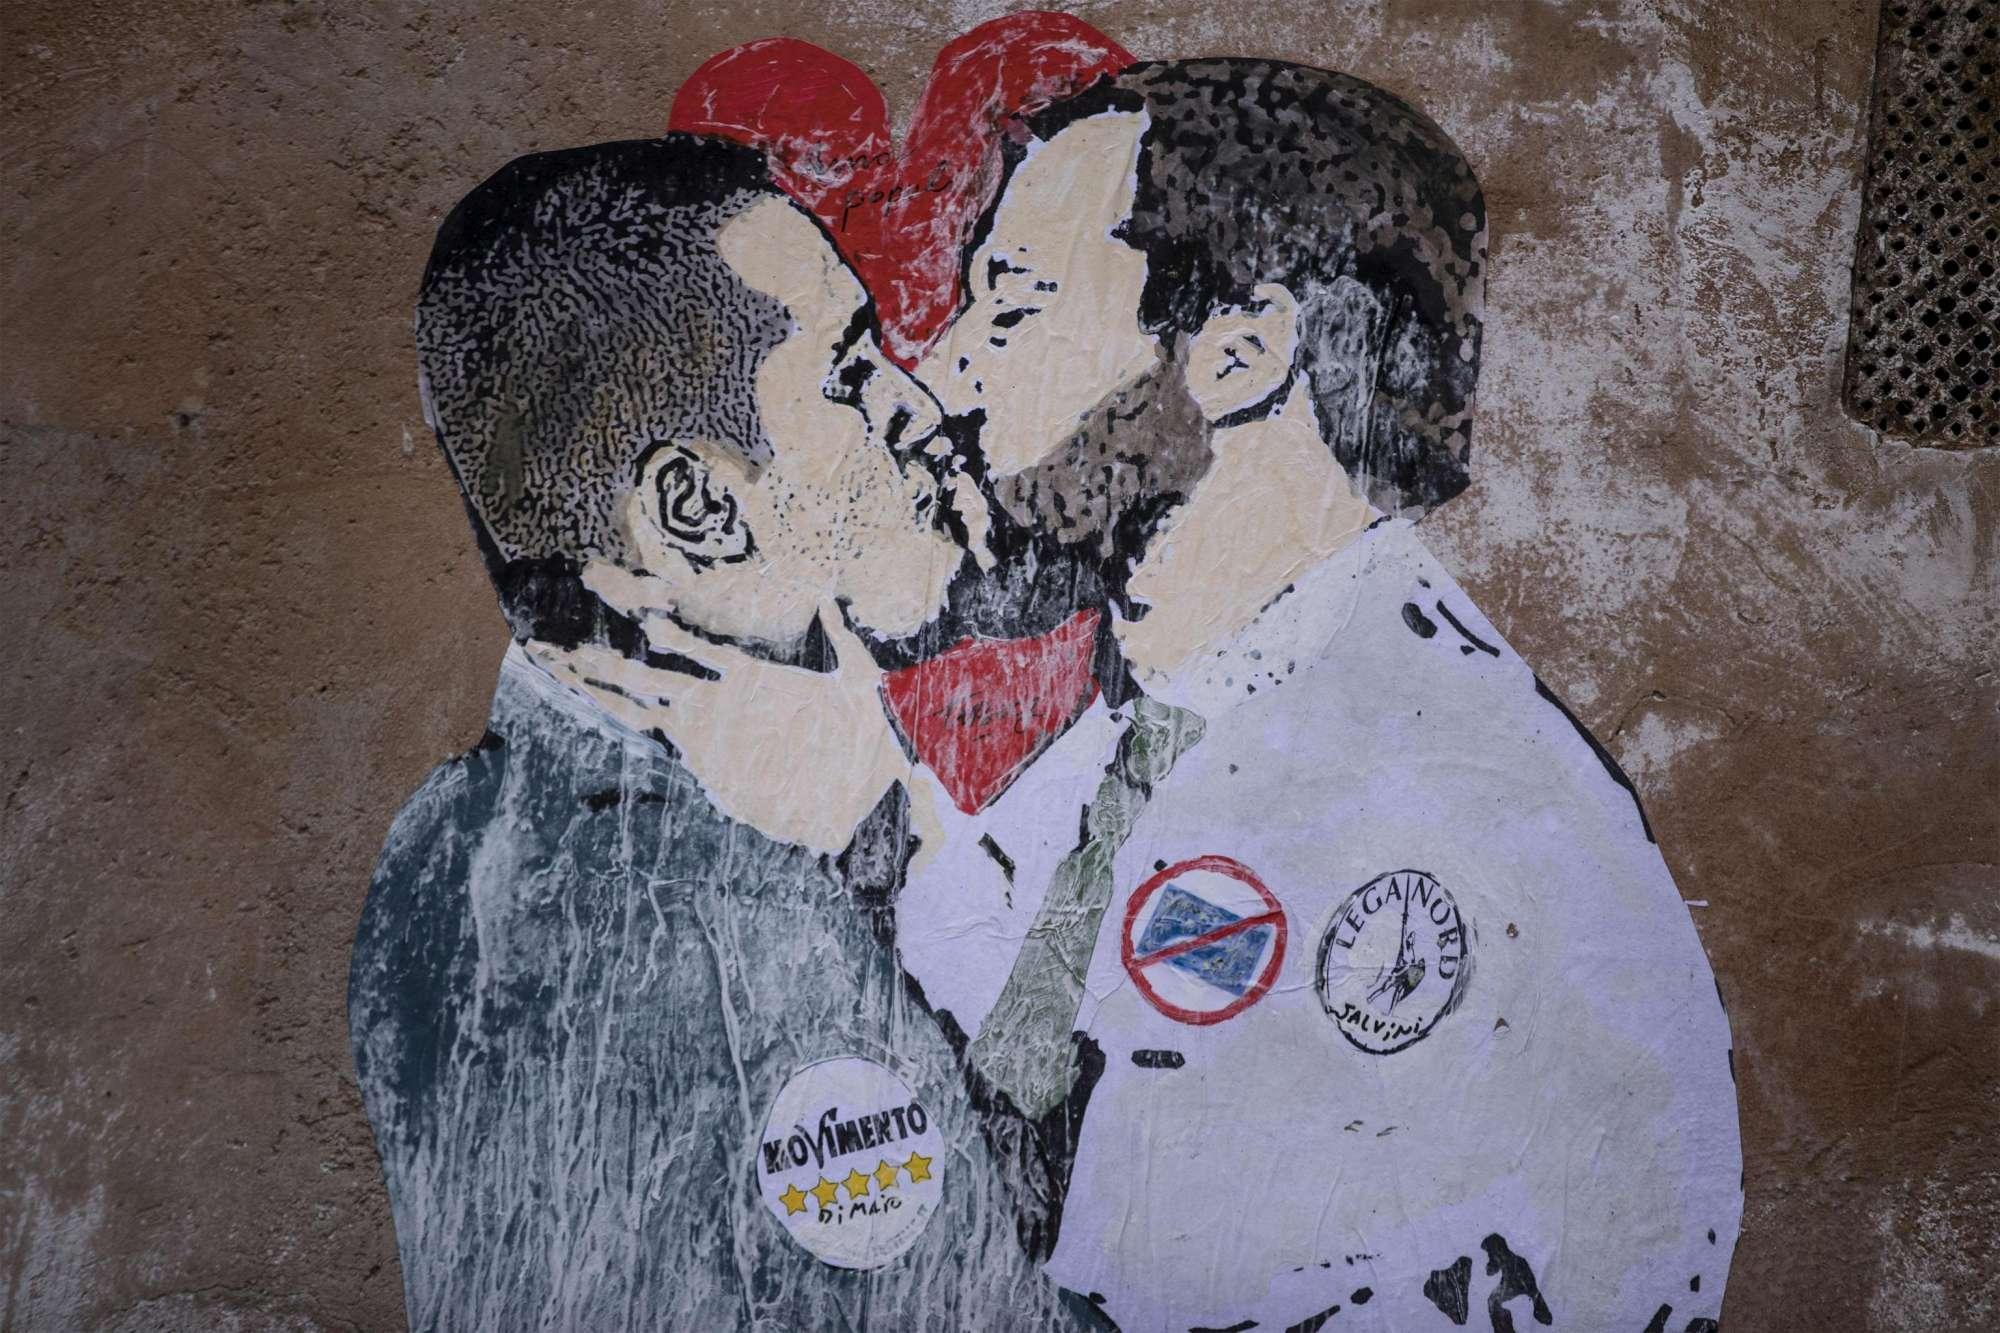 Nella notte spuntano murales a Roma: dal bacio di Di Maio-Salvini al volontariato della Meloni